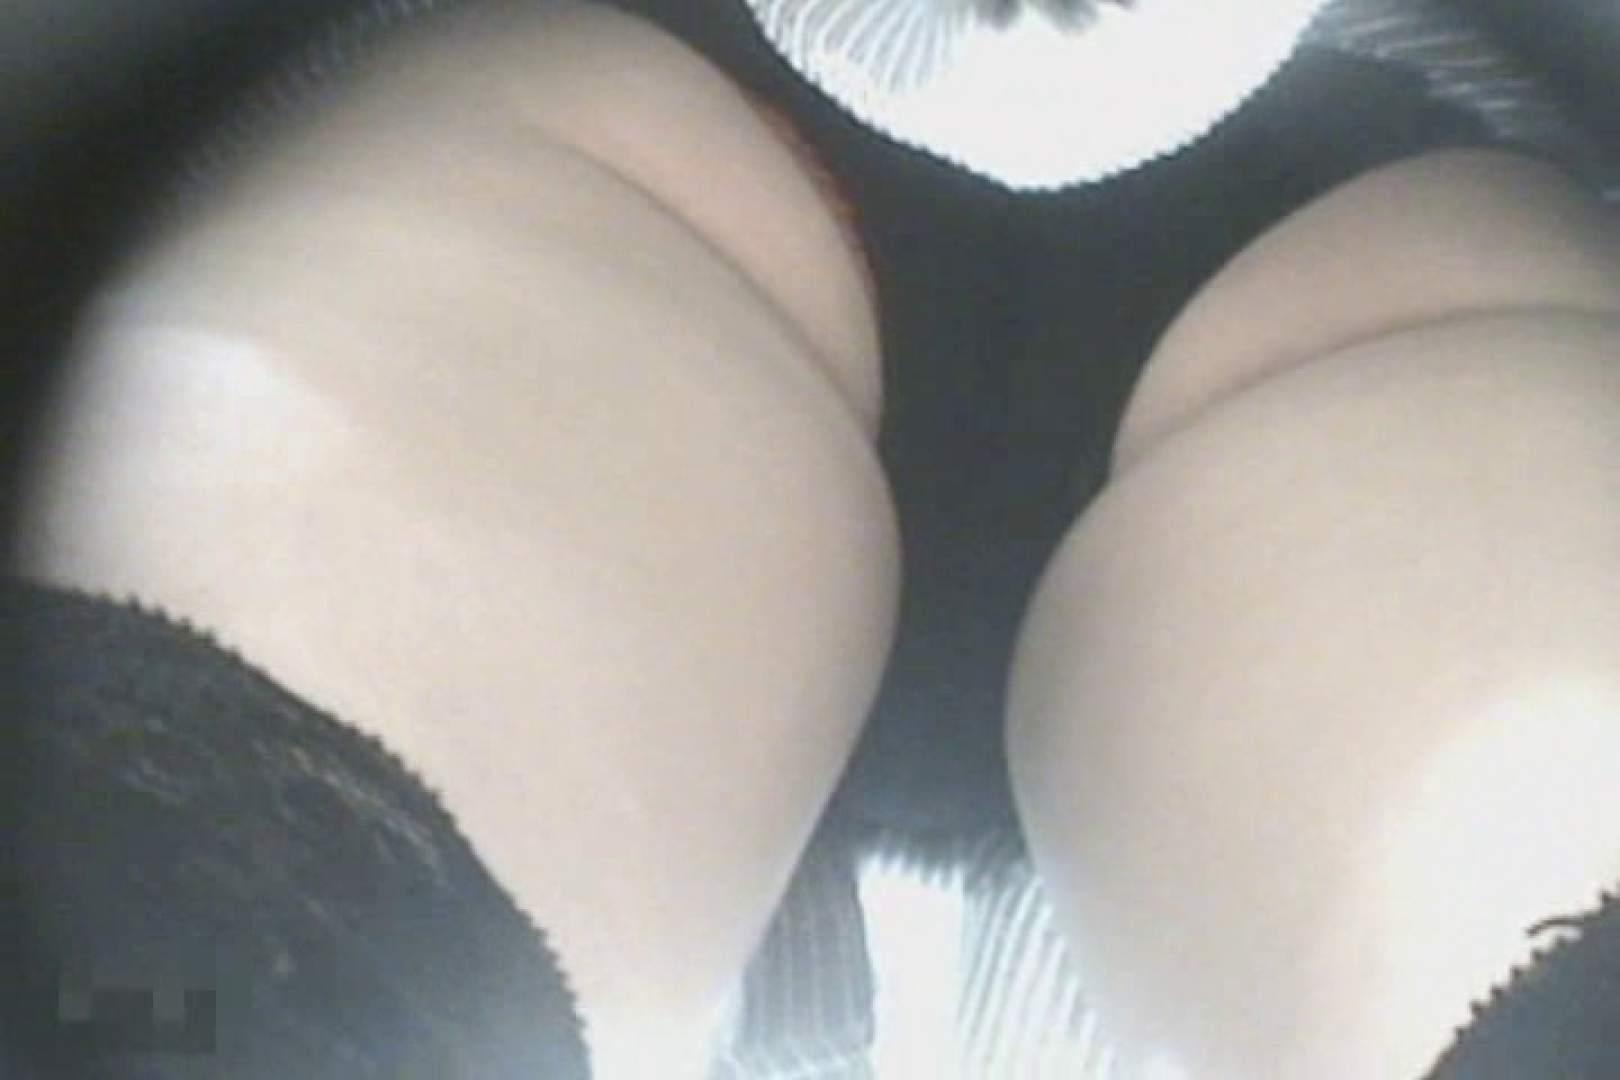 パンチラ七変化!!Vol.13 お姉さん丸裸 SEX無修正画像 85pic 43